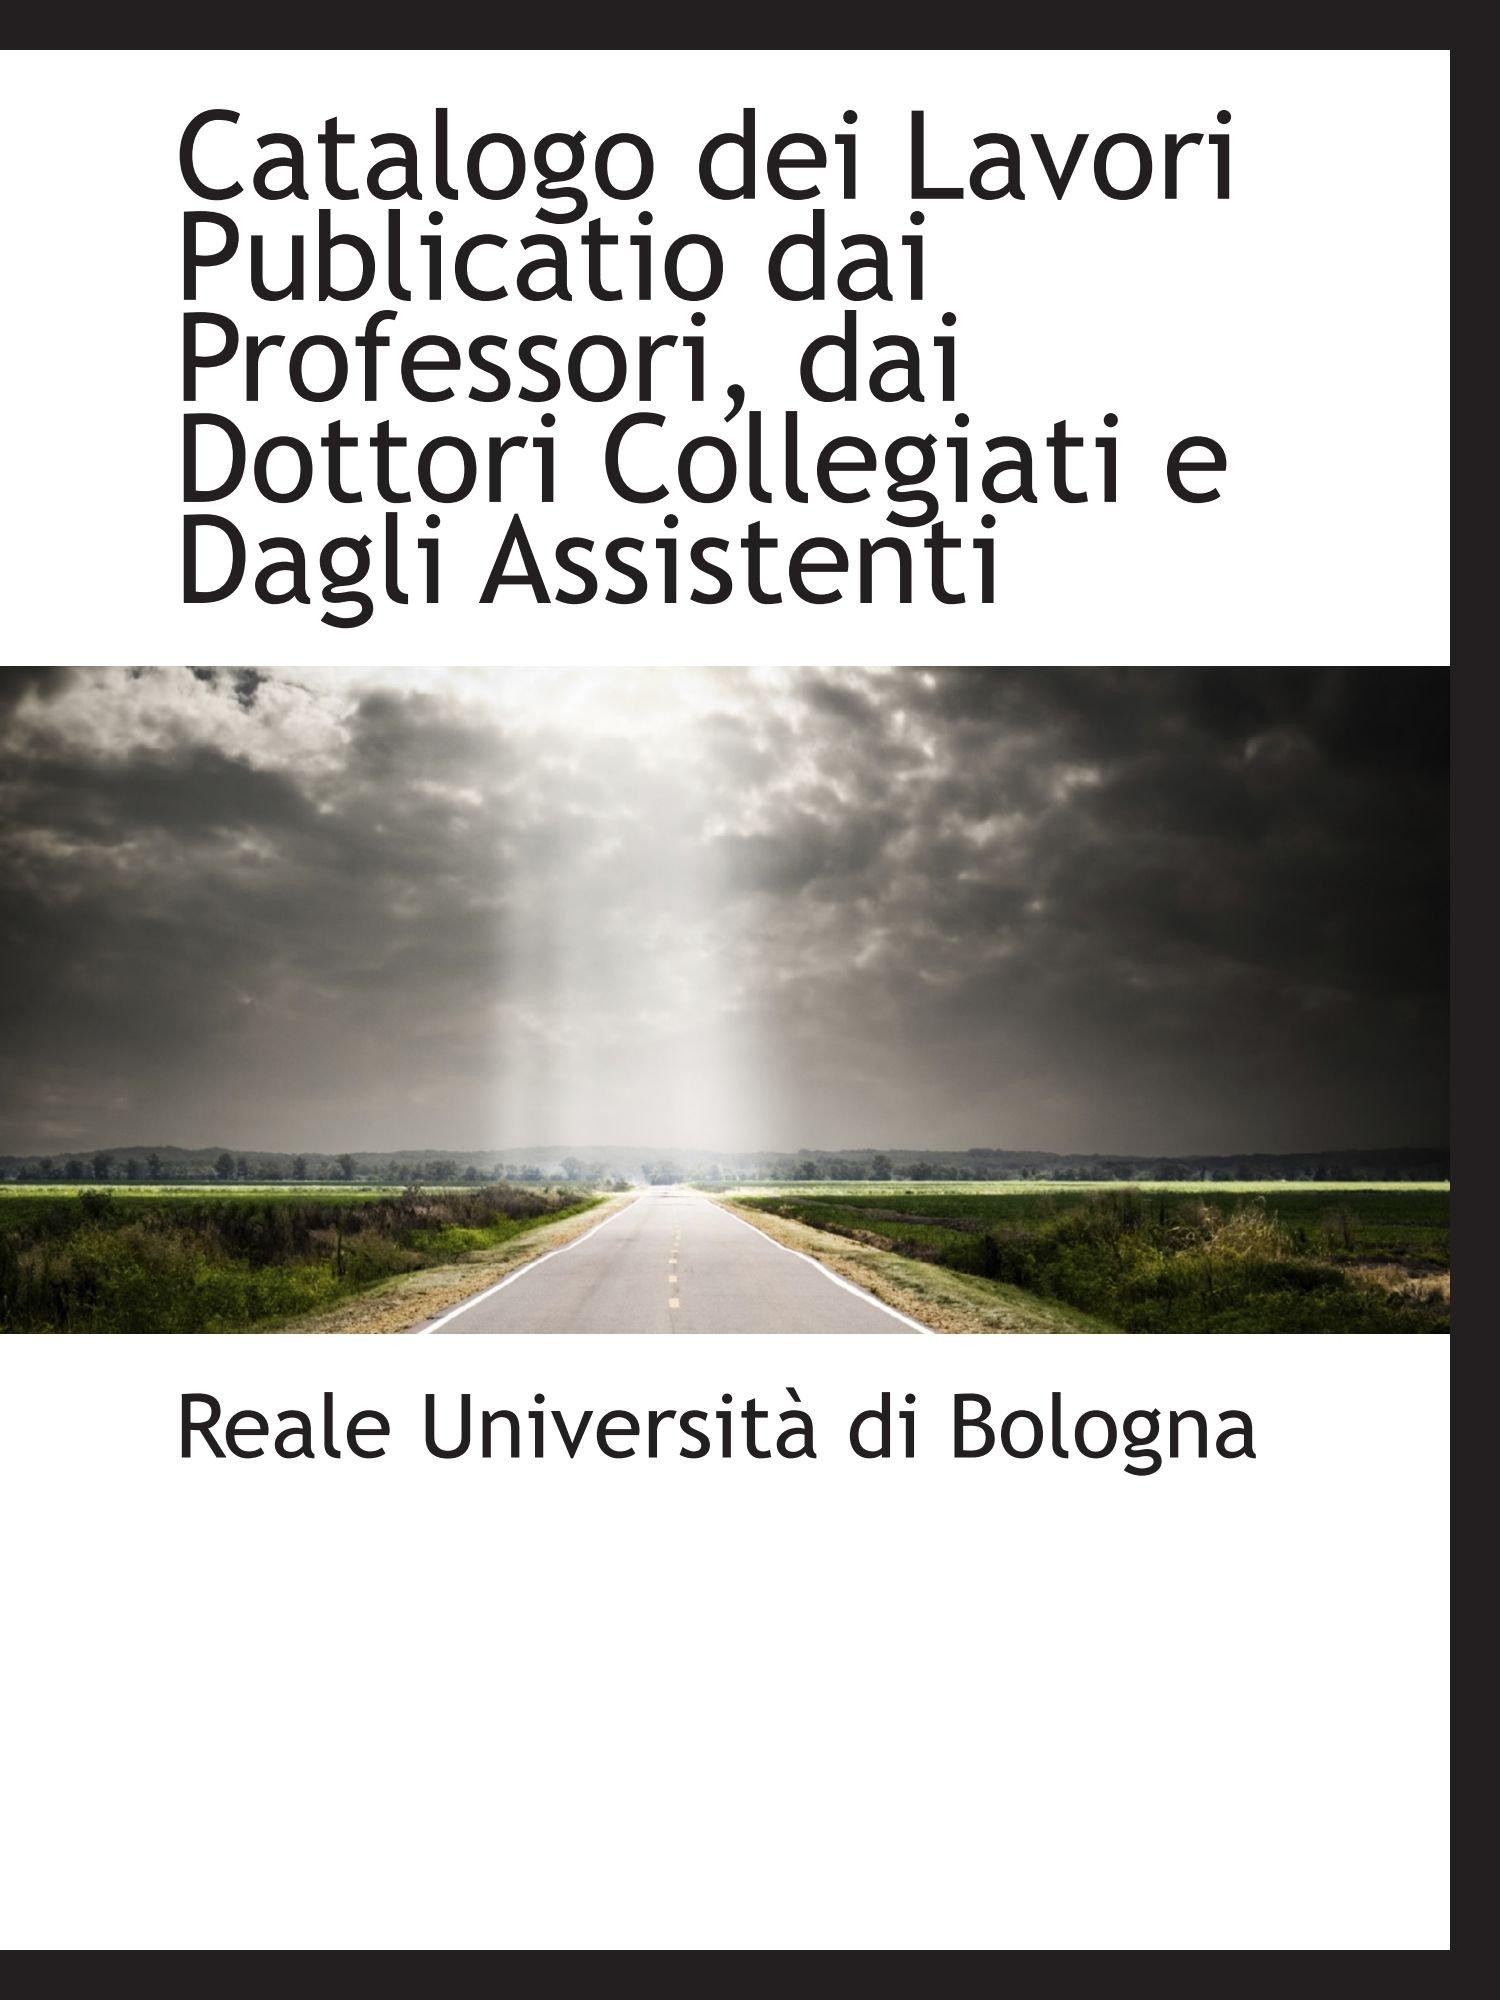 Read Online Catalogo dei Lavori Publicatio dai Professori, dai Dottori Collegiati e Dagli Assistenti pdf epub